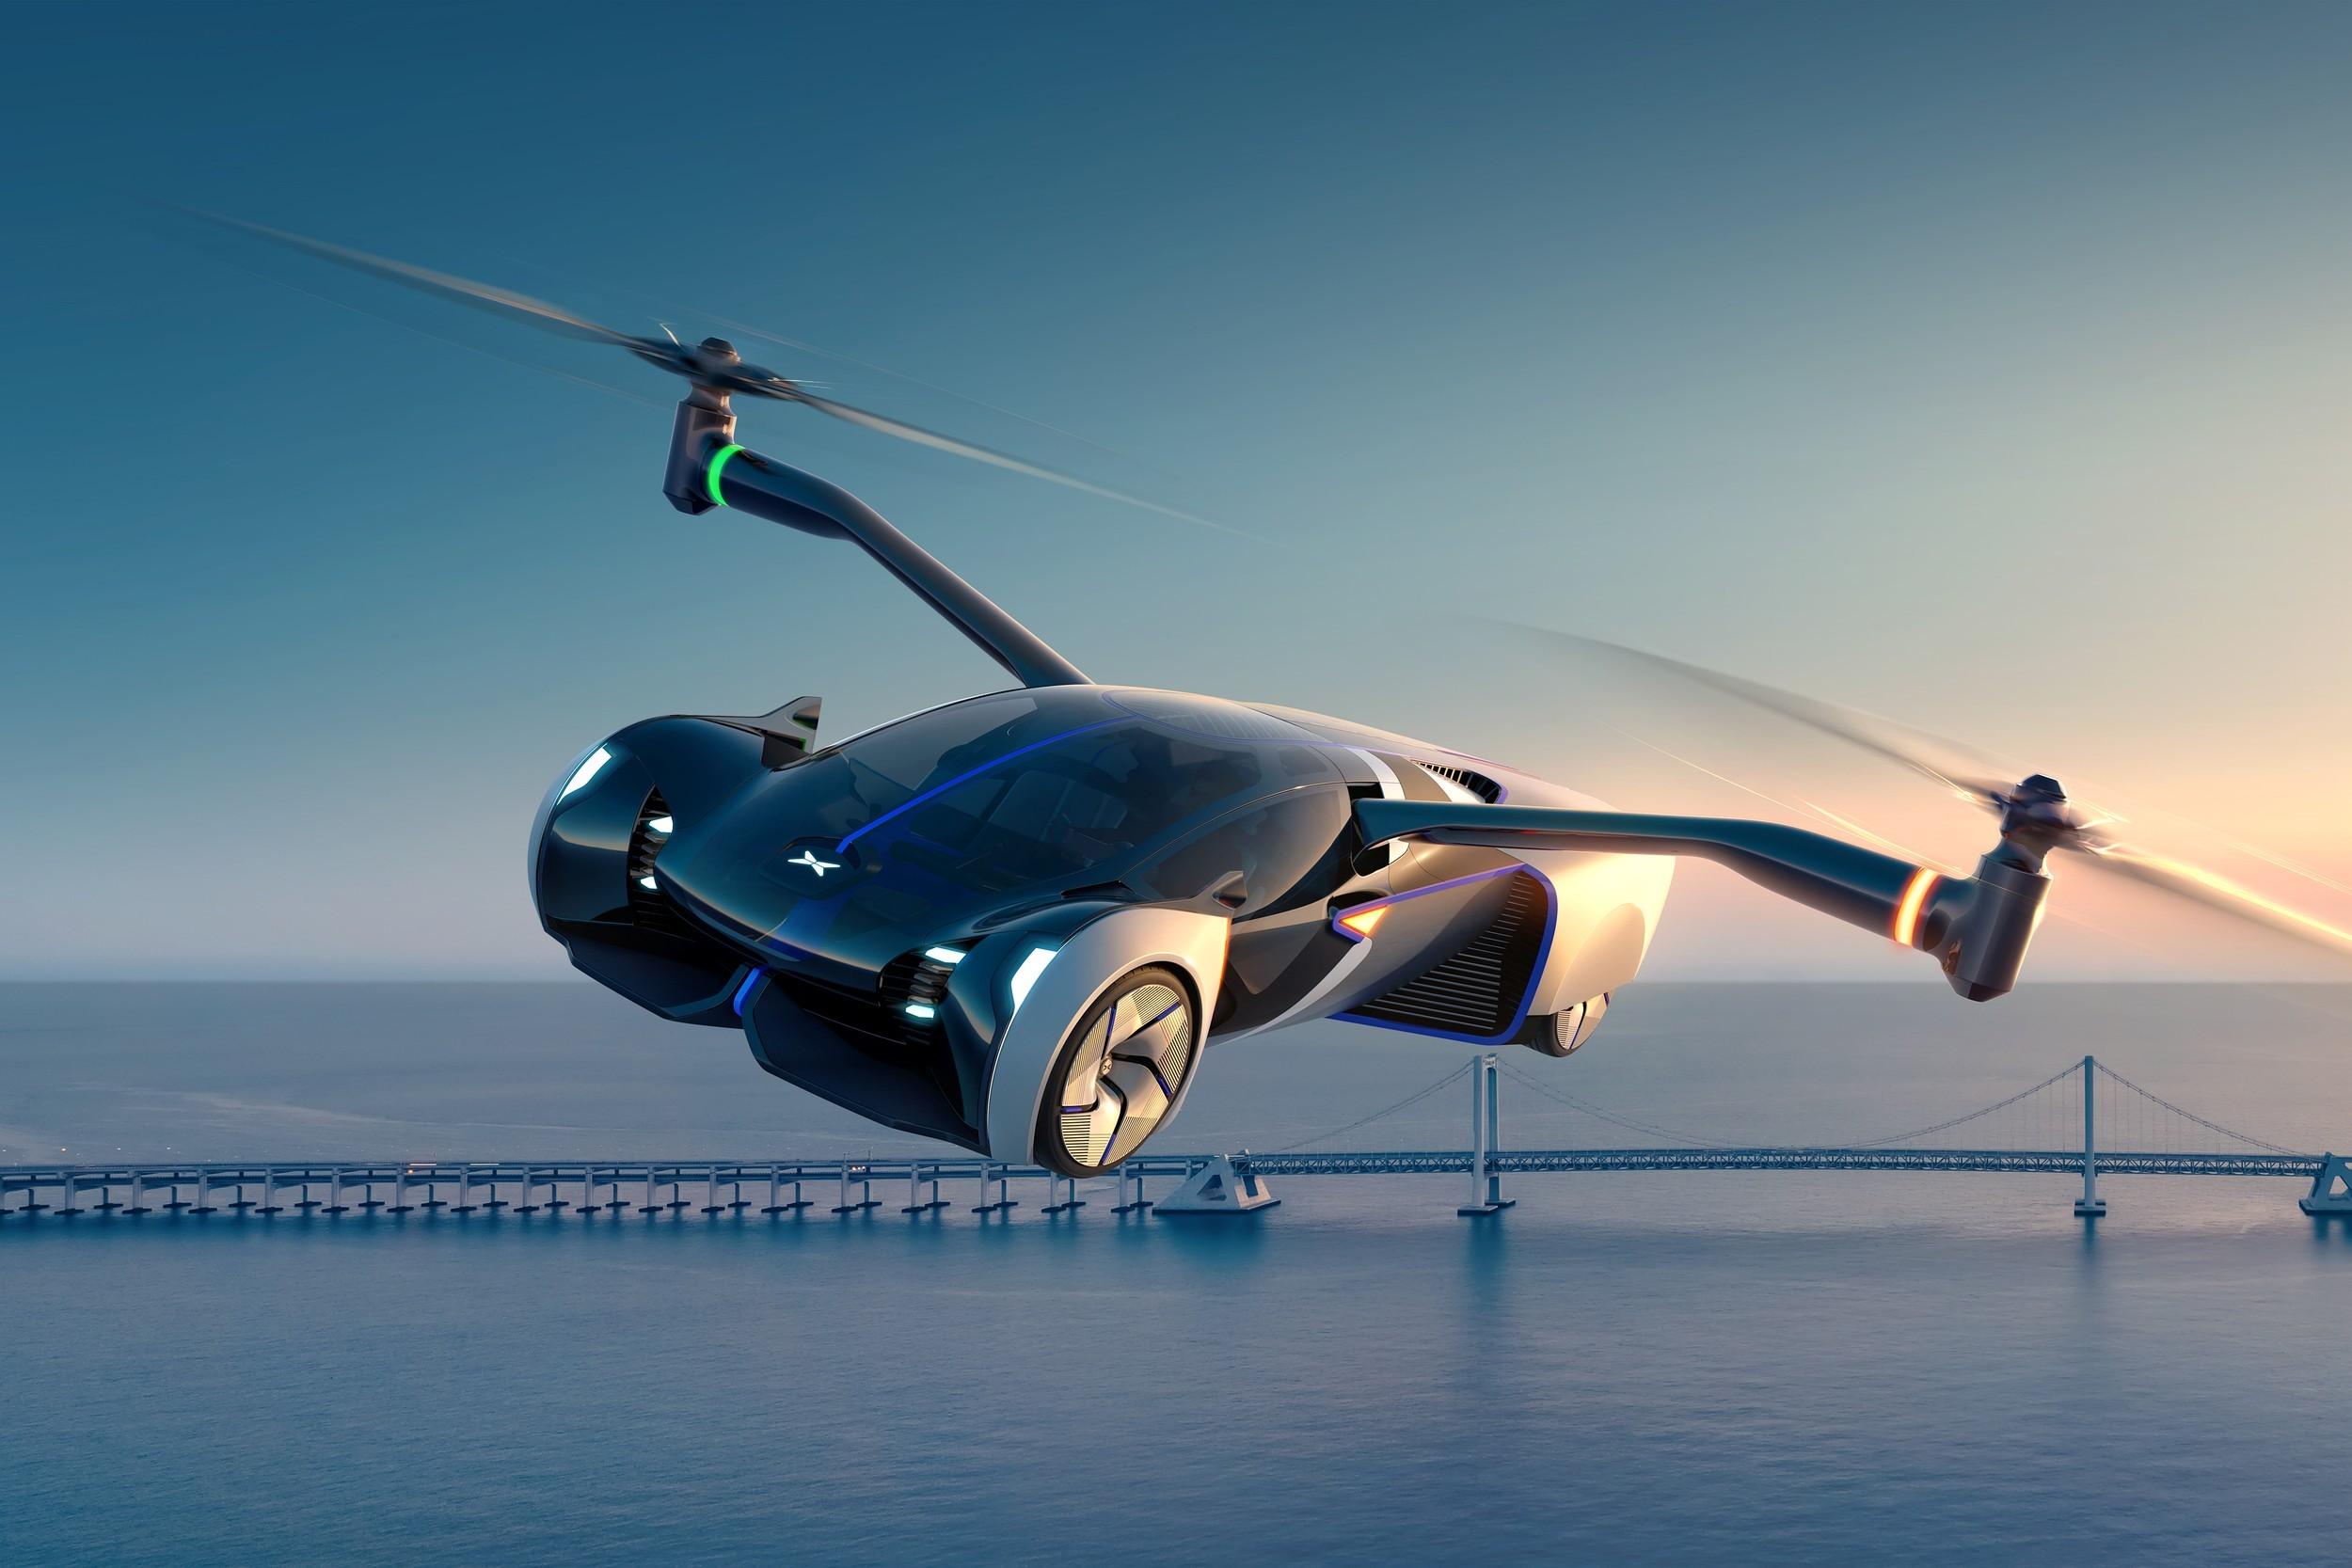 Xpeng показала аэромобиль со складными винтами, производство — в 2024 году